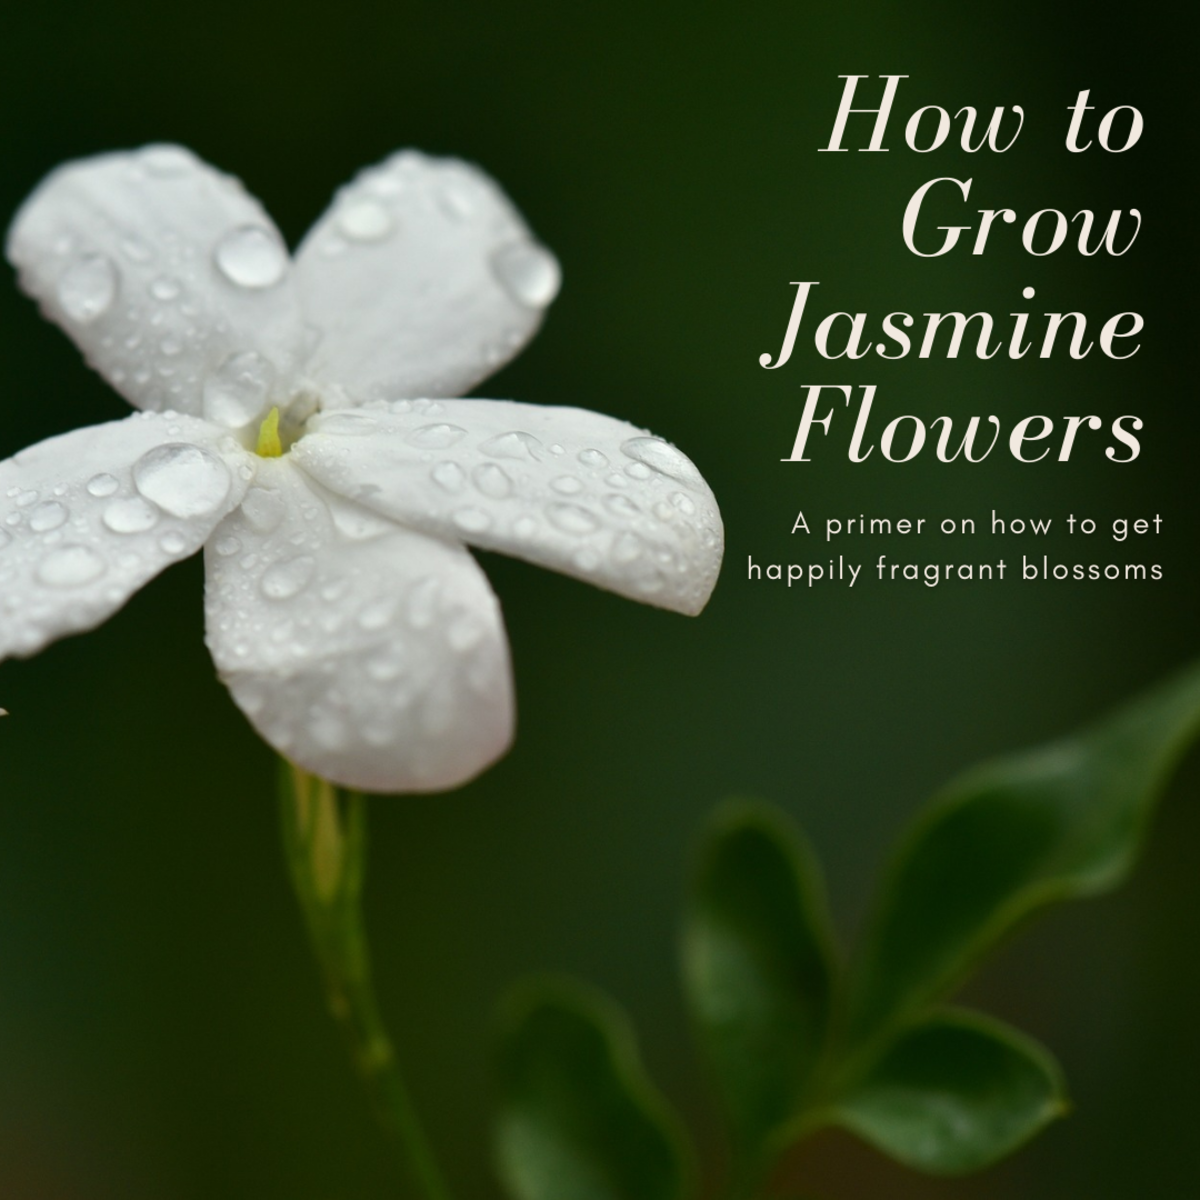 How to Grow Jasmine Flowers